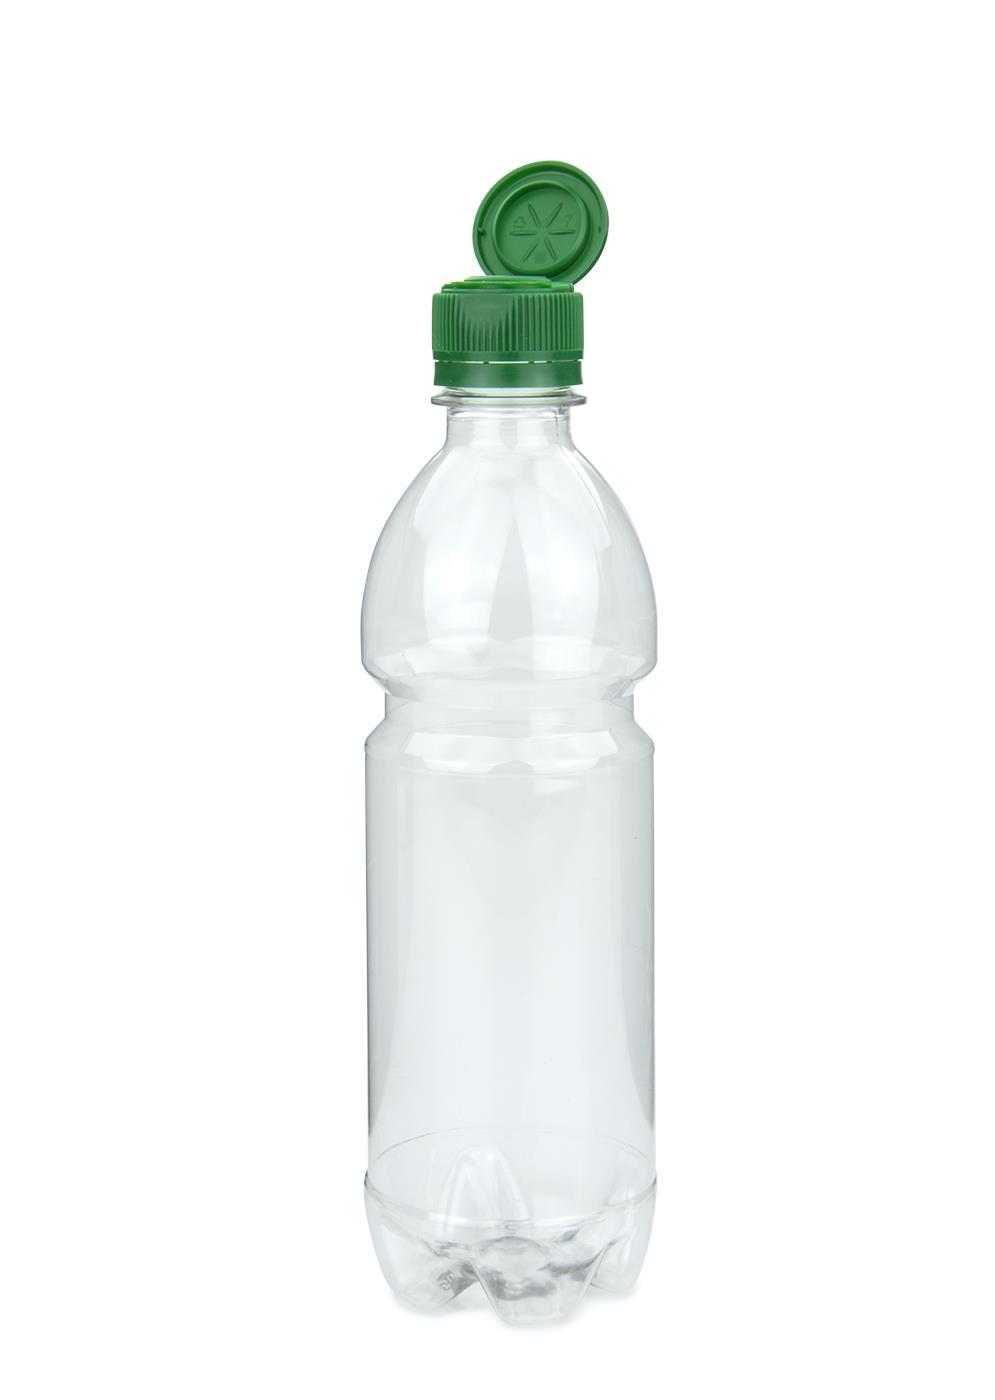 pet flasche f r speise l klar 500 ml mit klappverschluss mit ausgie er gr n. Black Bedroom Furniture Sets. Home Design Ideas